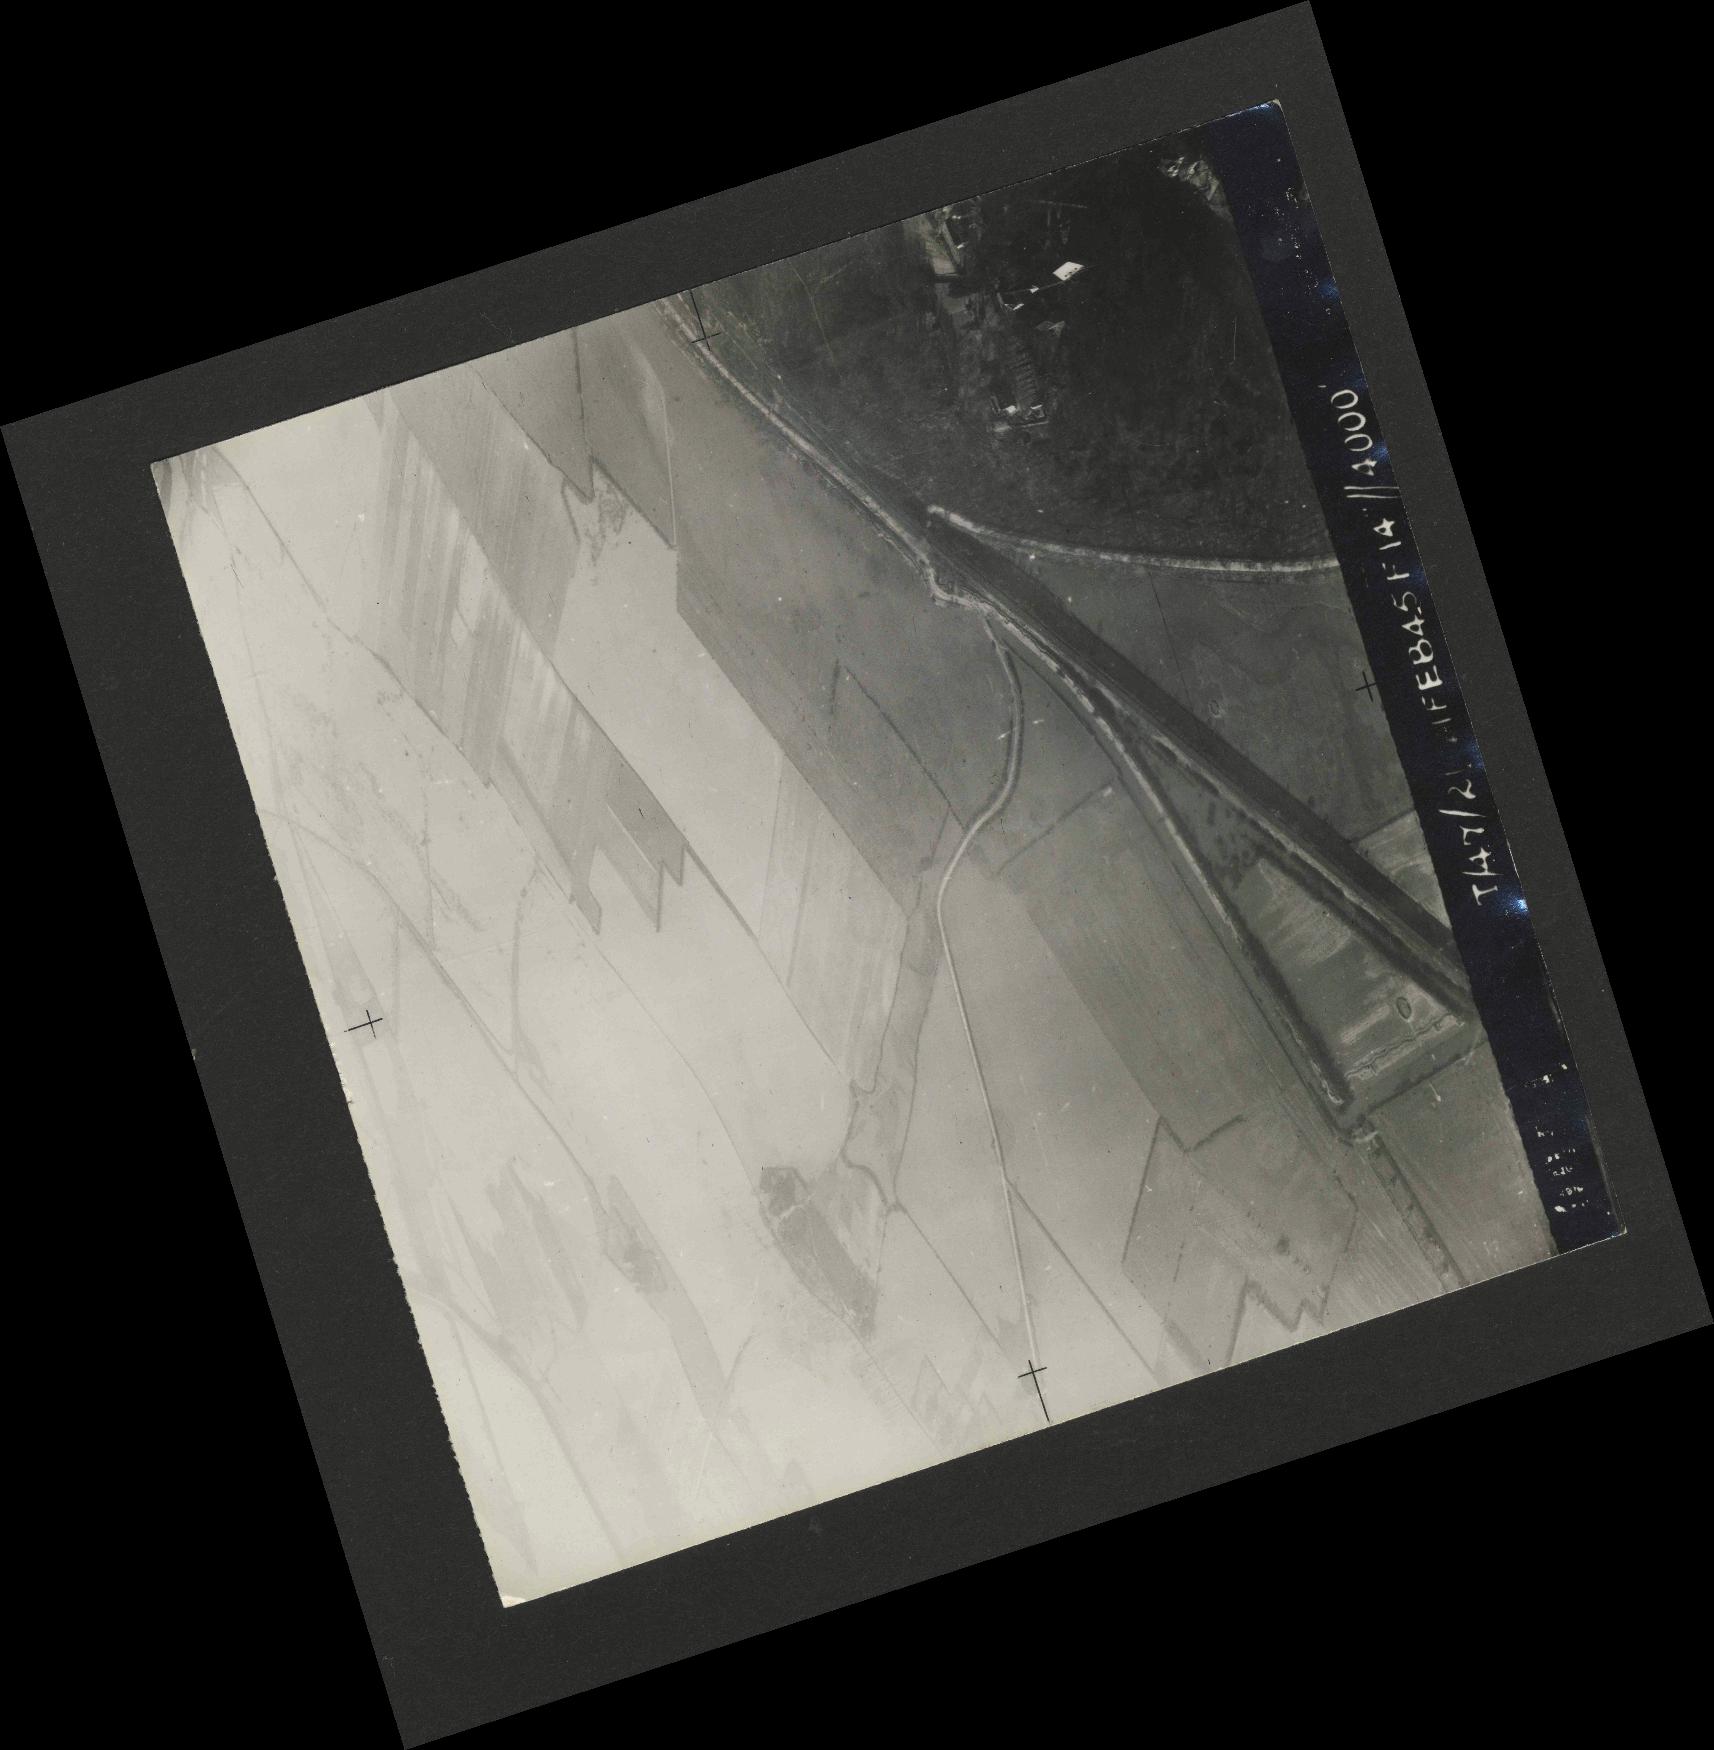 Collection RAF aerial photos 1940-1945 - flight 514, run 01, photo 0002